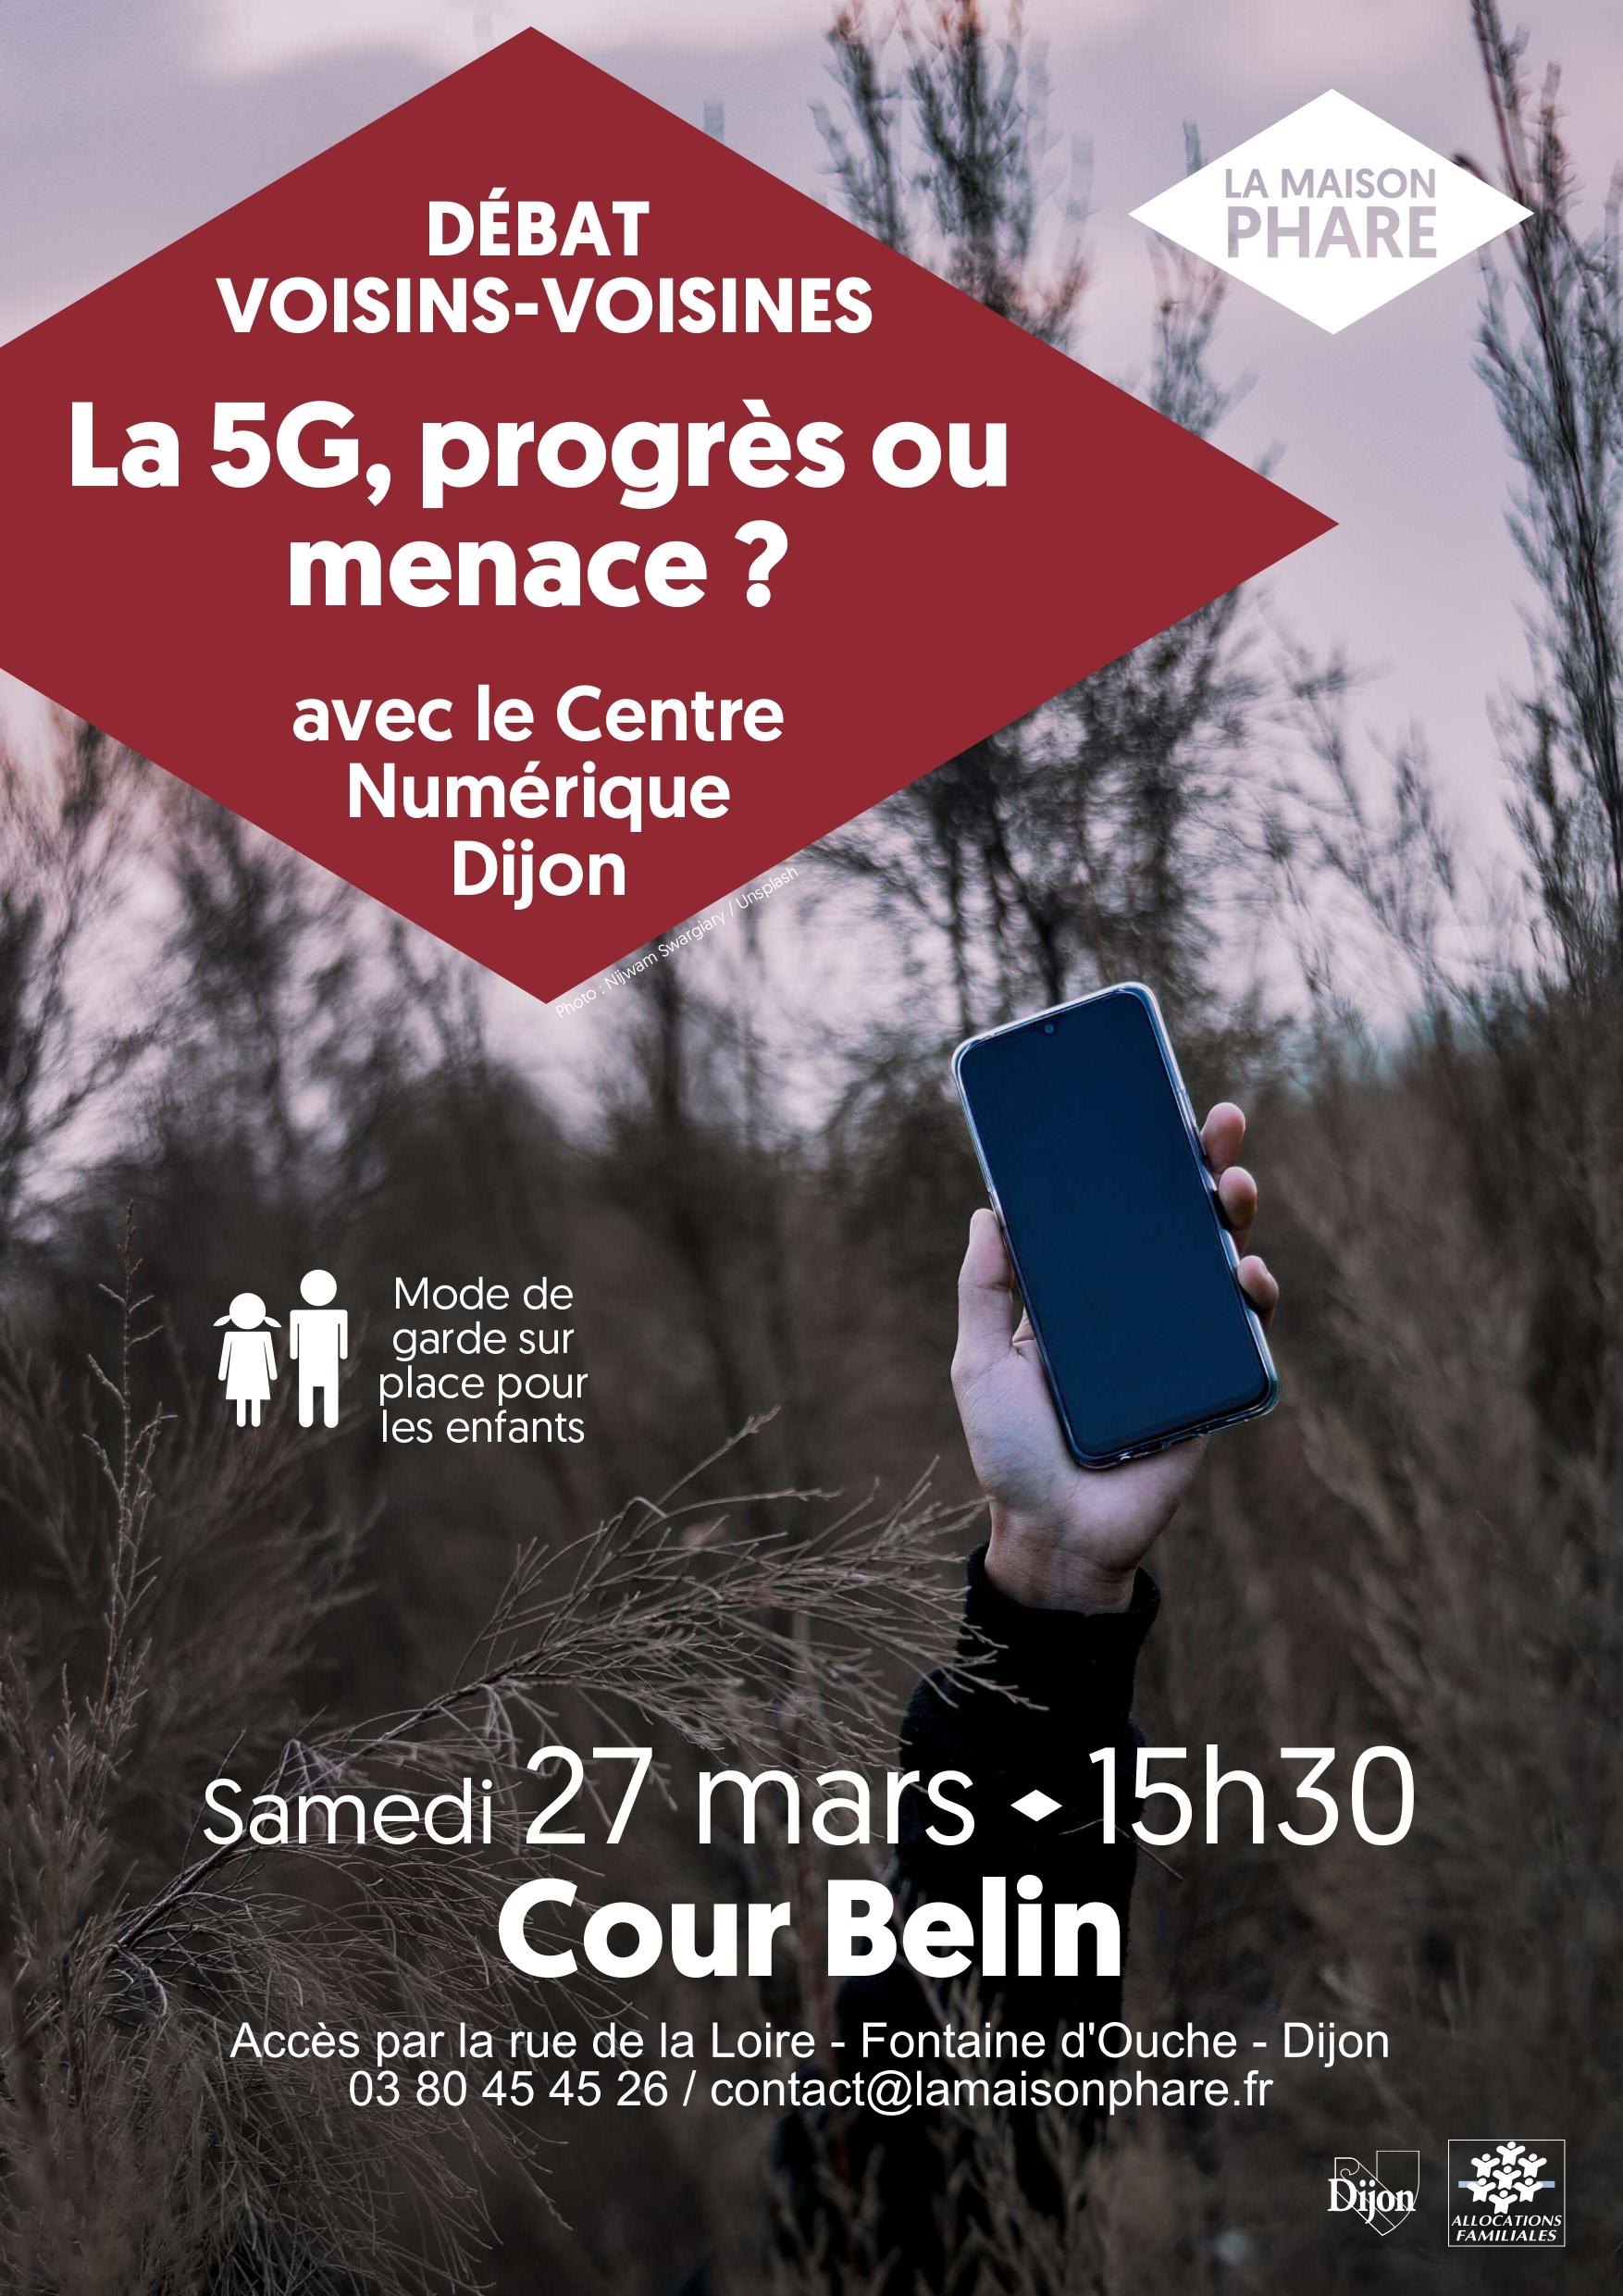 Débat Voisins-Voisines : la 5G, progrès ou menace ?